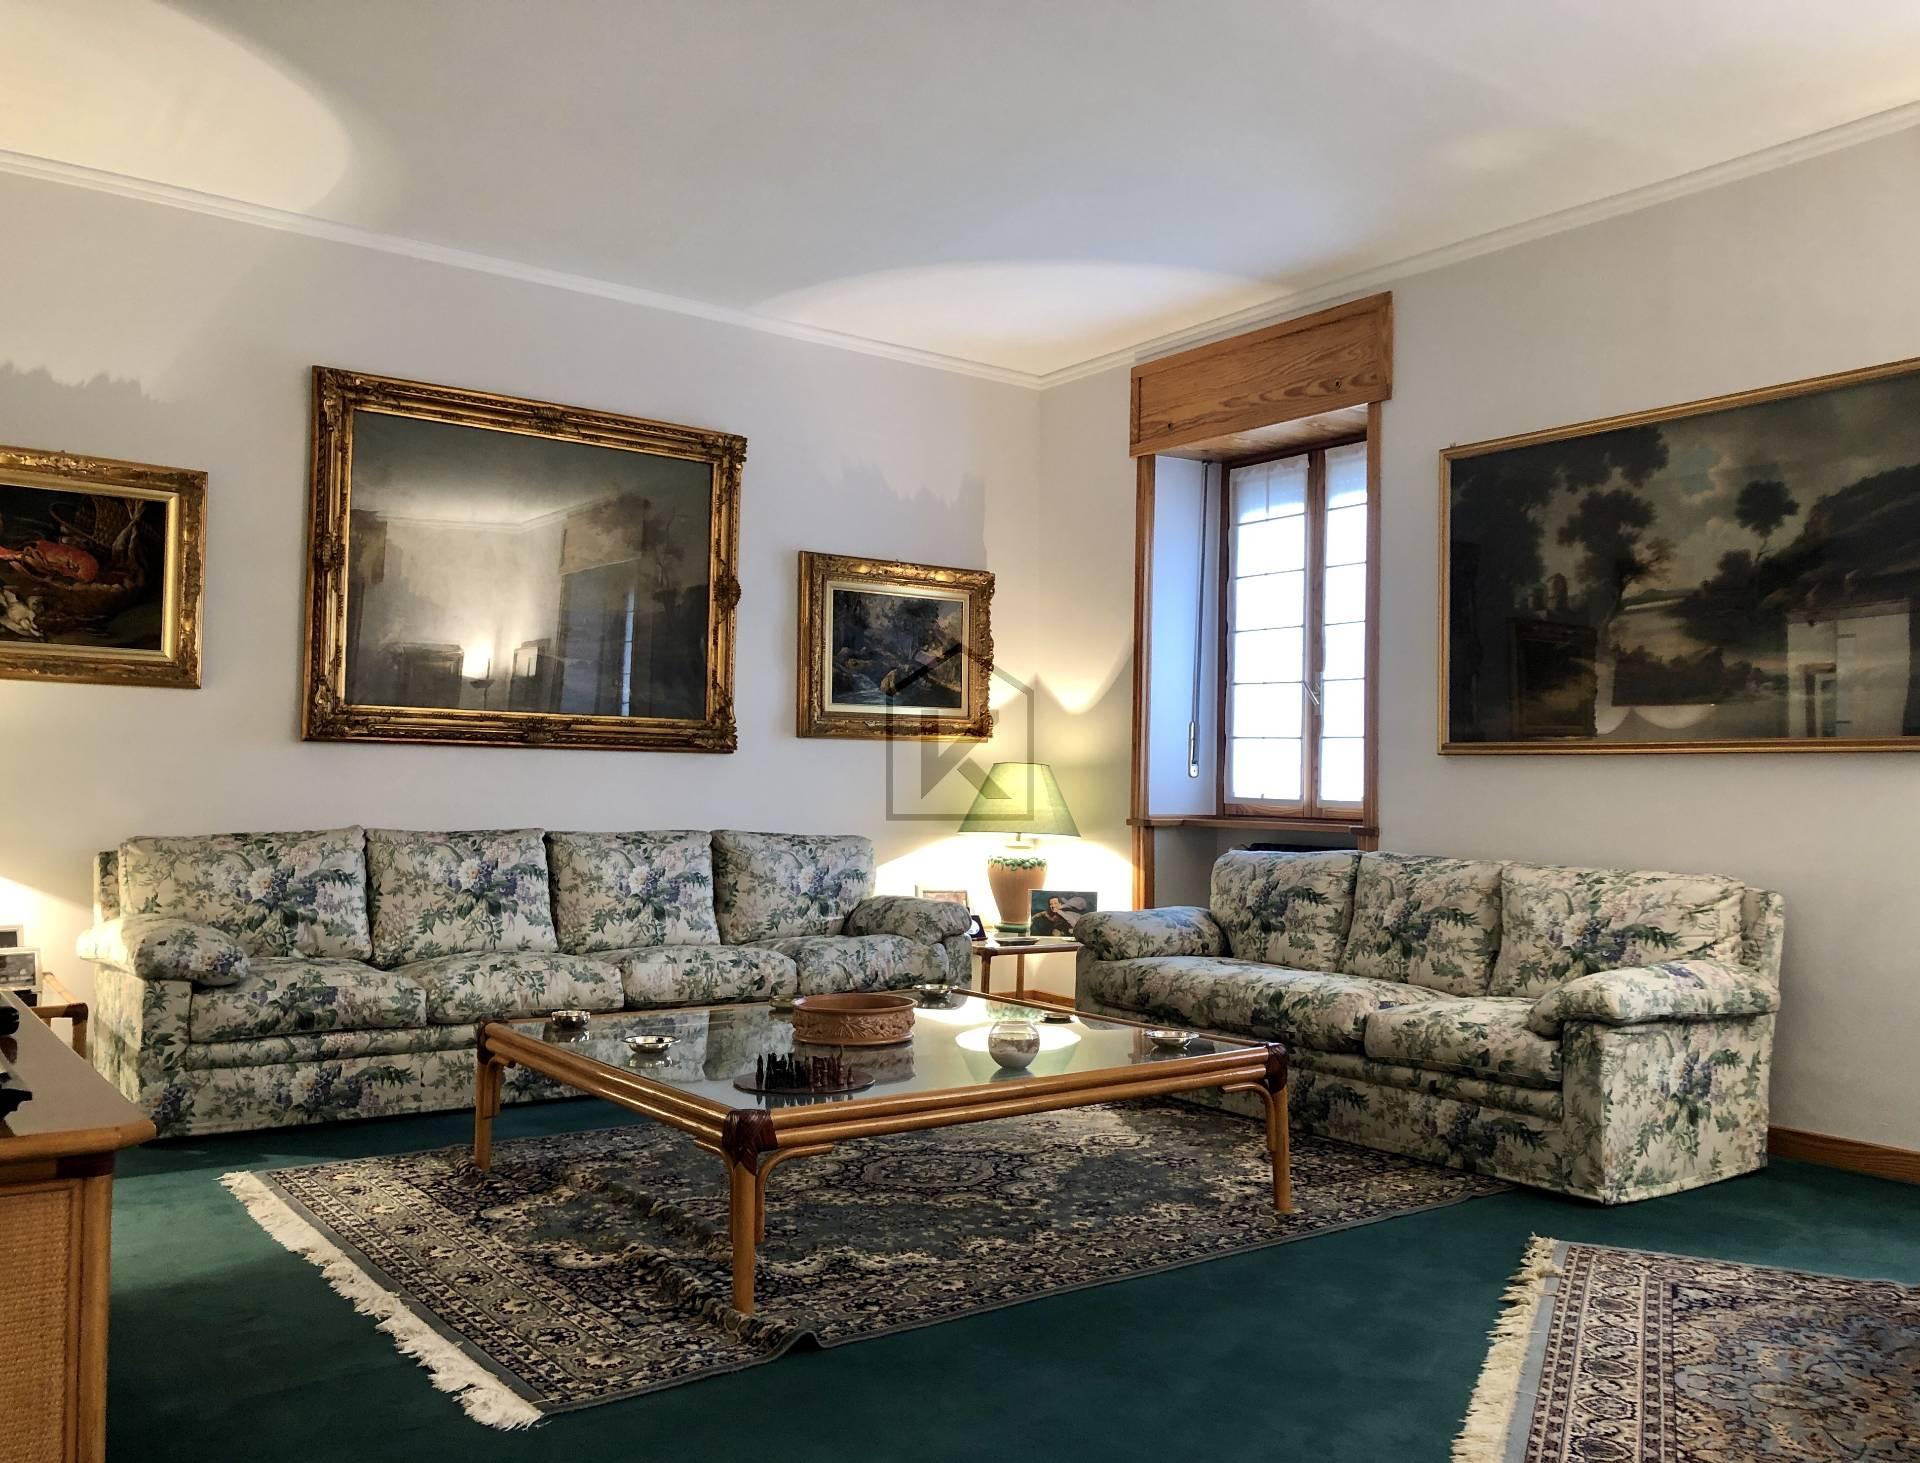 Appartamento in Vendita a Milano 03 Venezia / Piave / Buenos Aires:  4 locali, 155 mq  - Foto 1